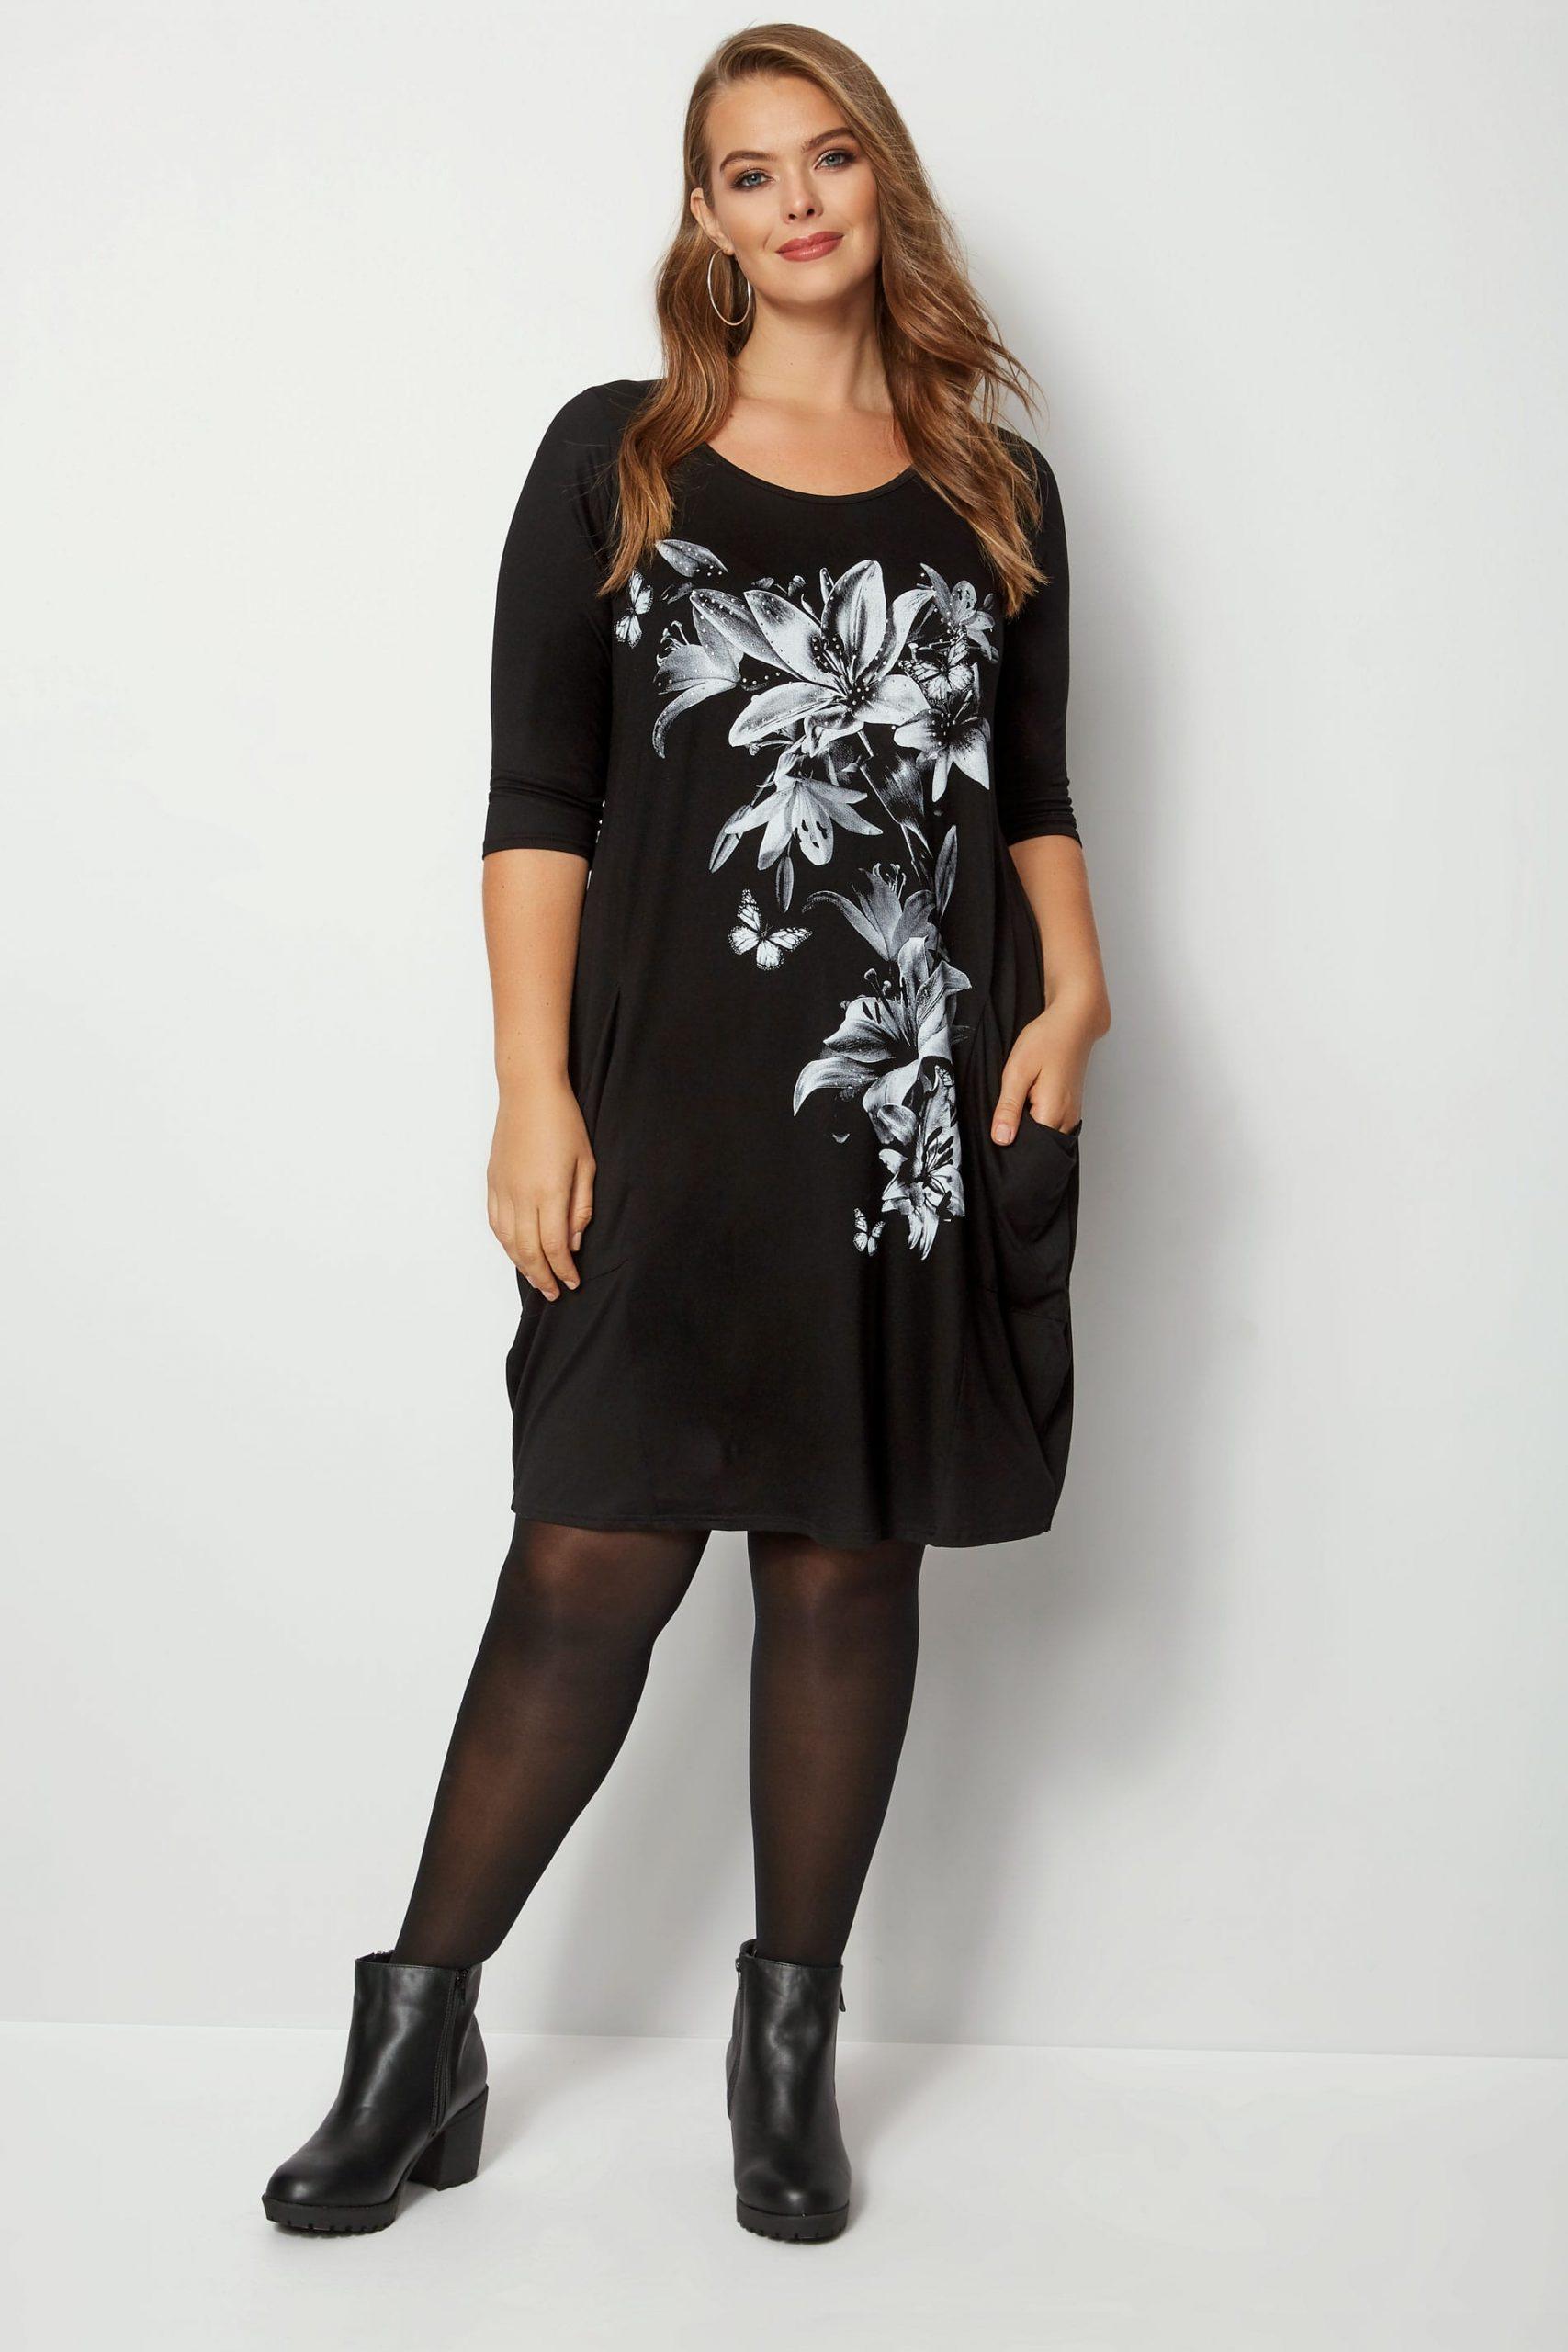 15 Schön Schwarzes Kleid Größe 50 Stylish Genial Schwarzes Kleid Größe 50 für 2019